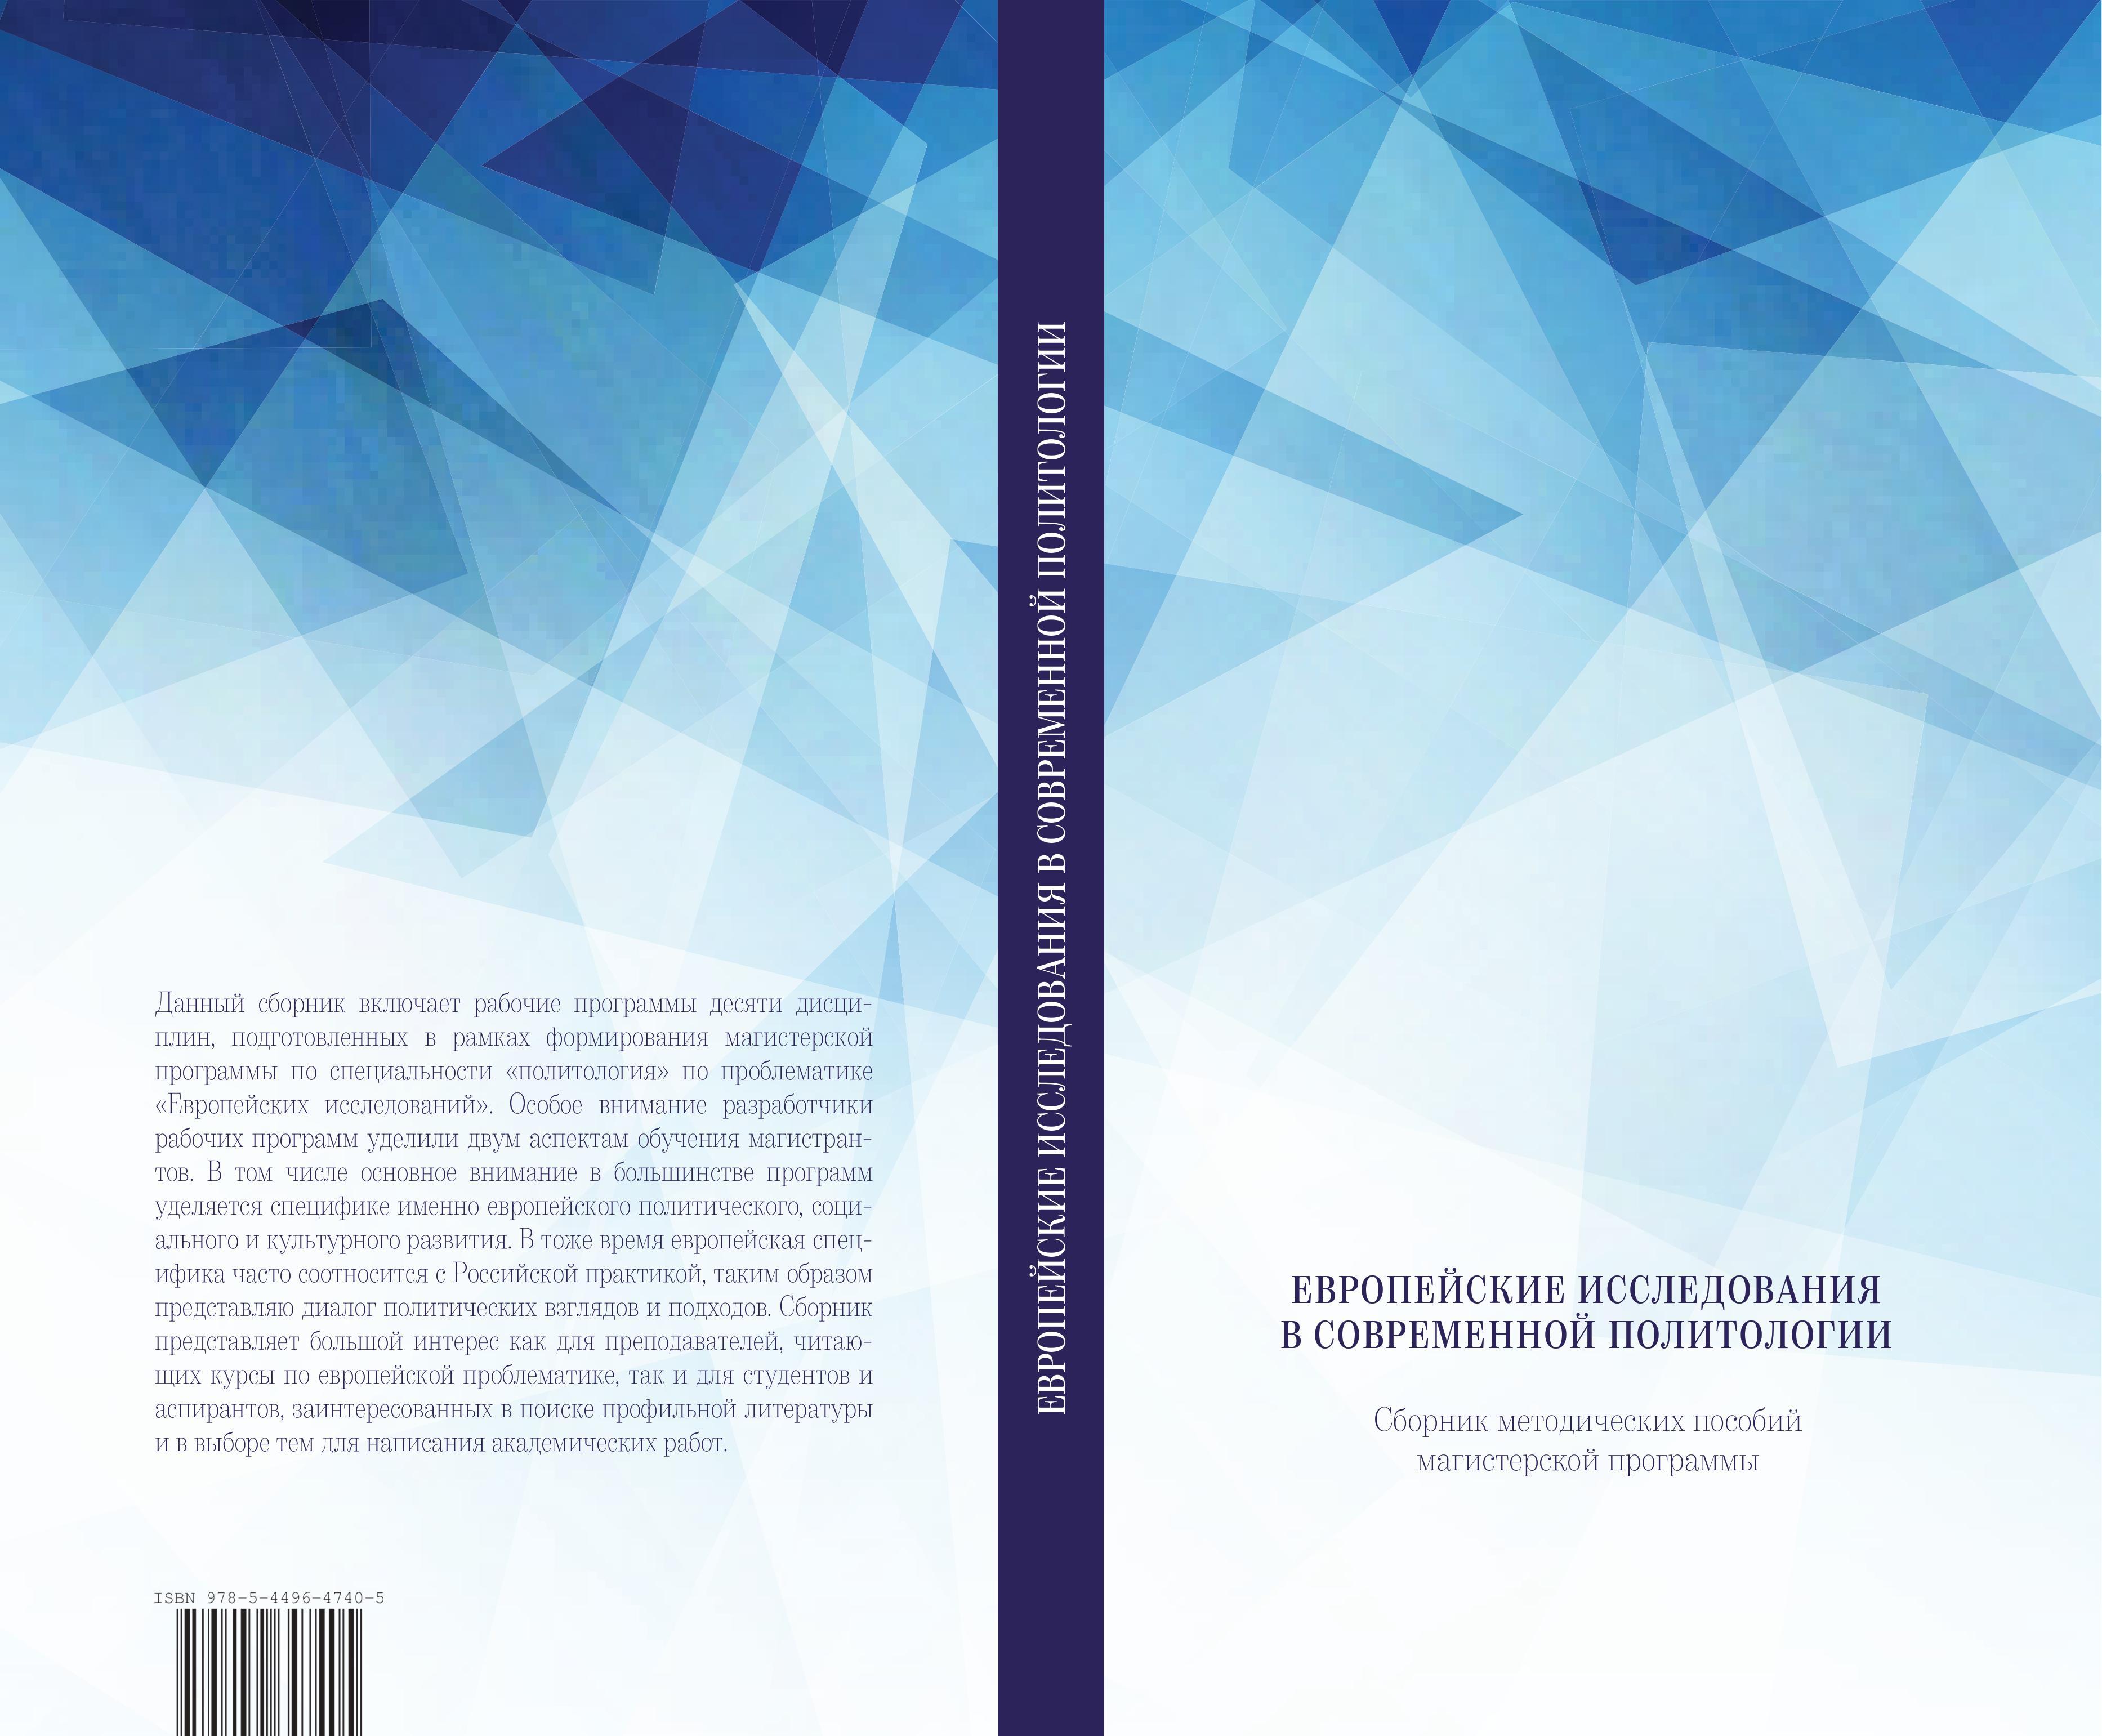 Европейские исследования в современной политологии. Сборник методических пособий магистерской программы